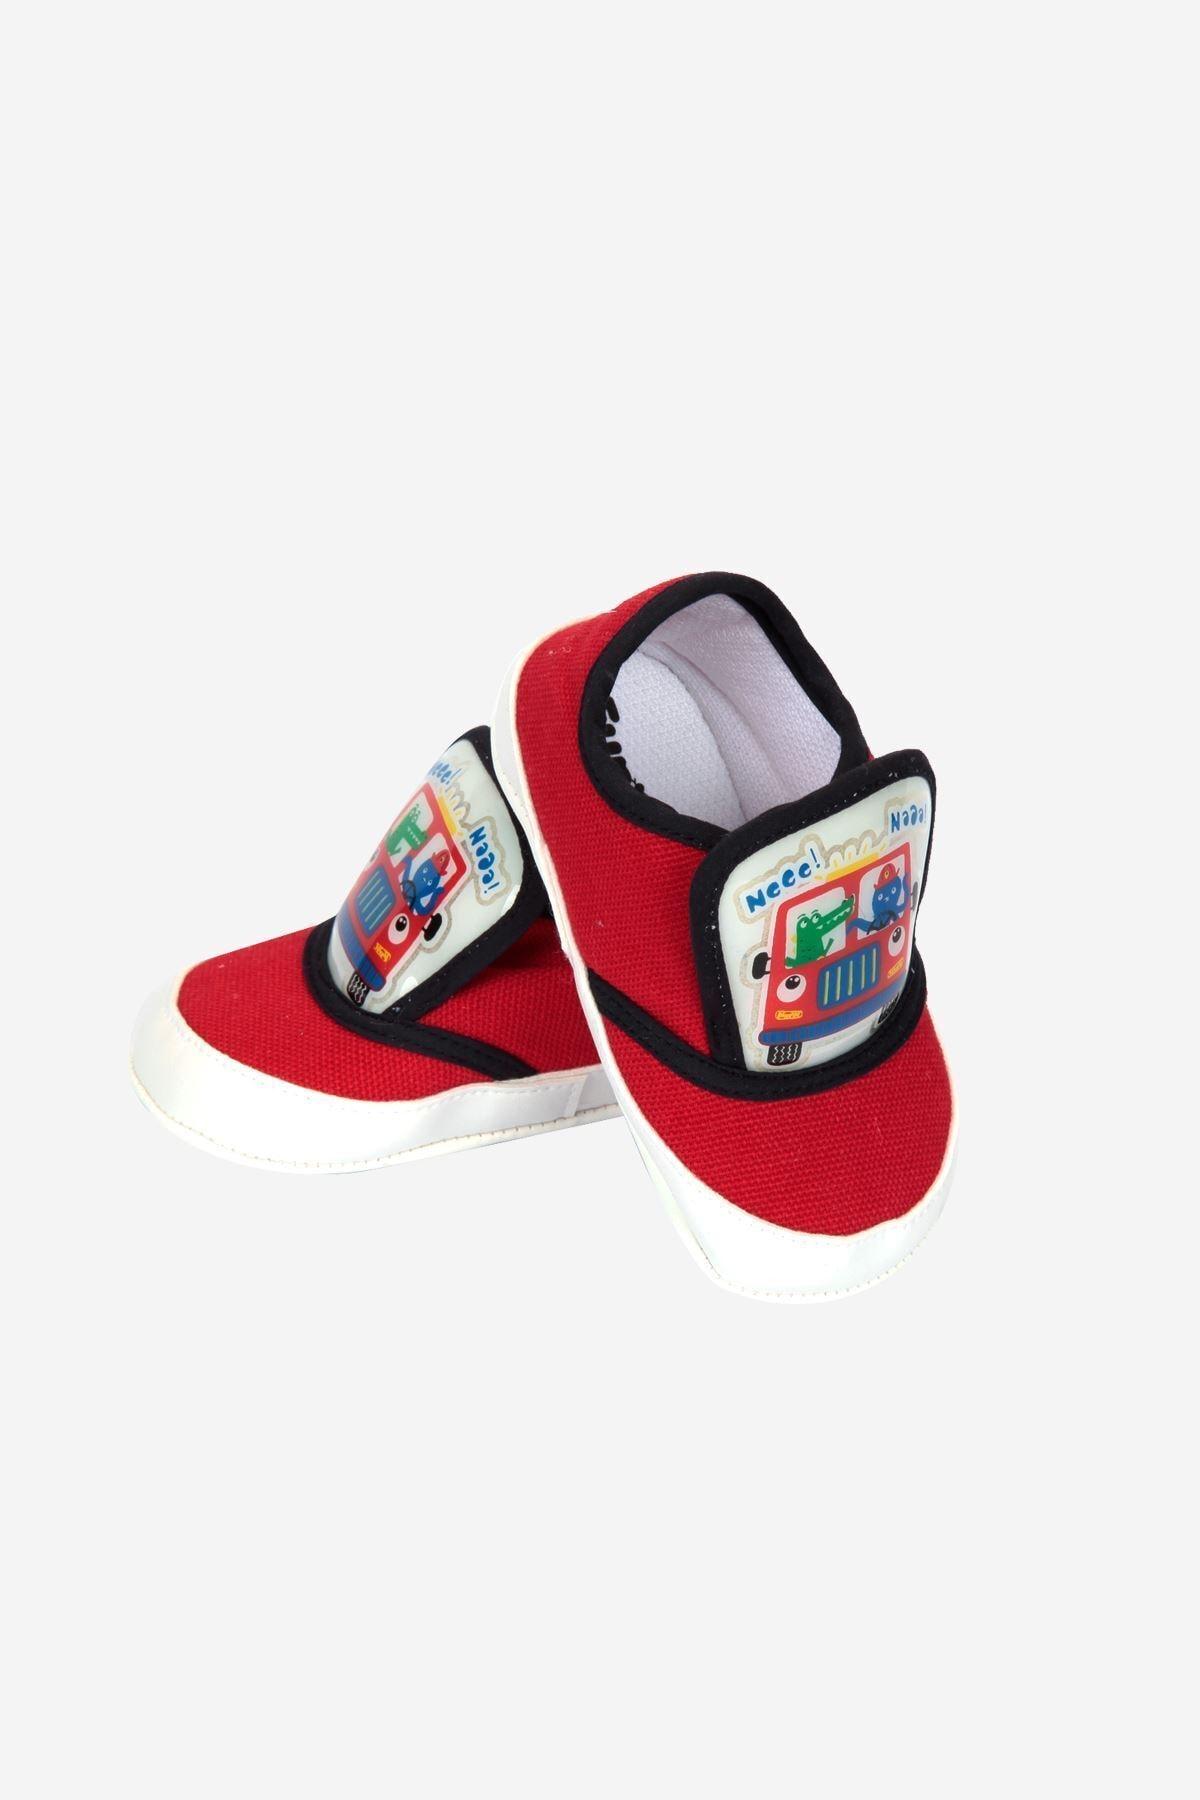 Funny Baby Lastikli Cırtlı Çocuk Yürüyüş Ve Spor Ayakkabısı 2